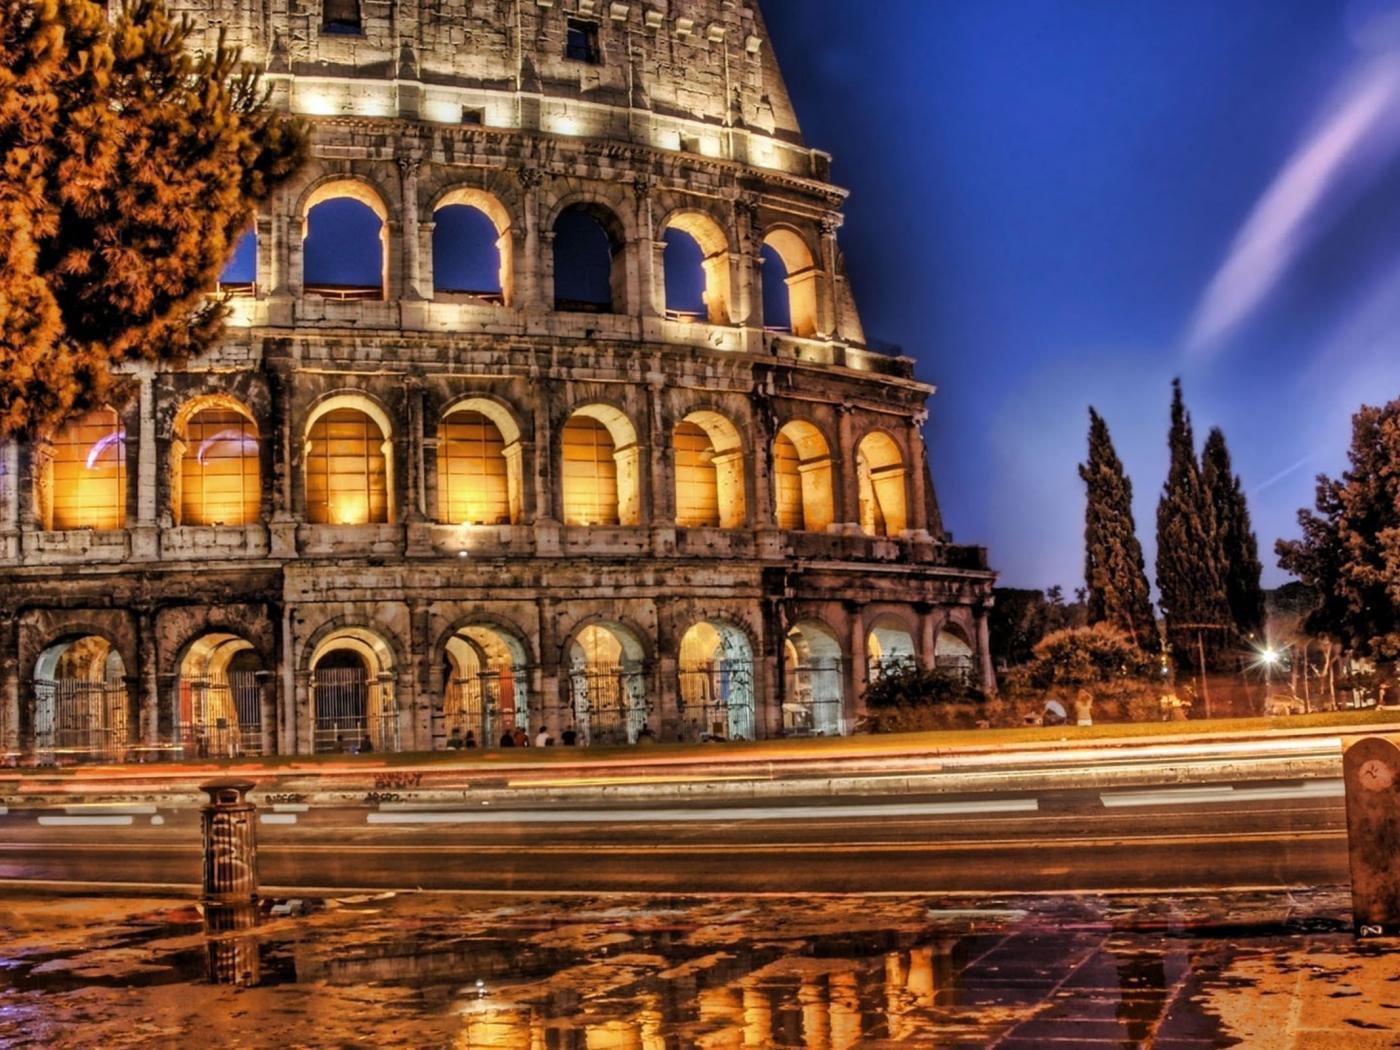 Fonds d'écran Roma - Page 2